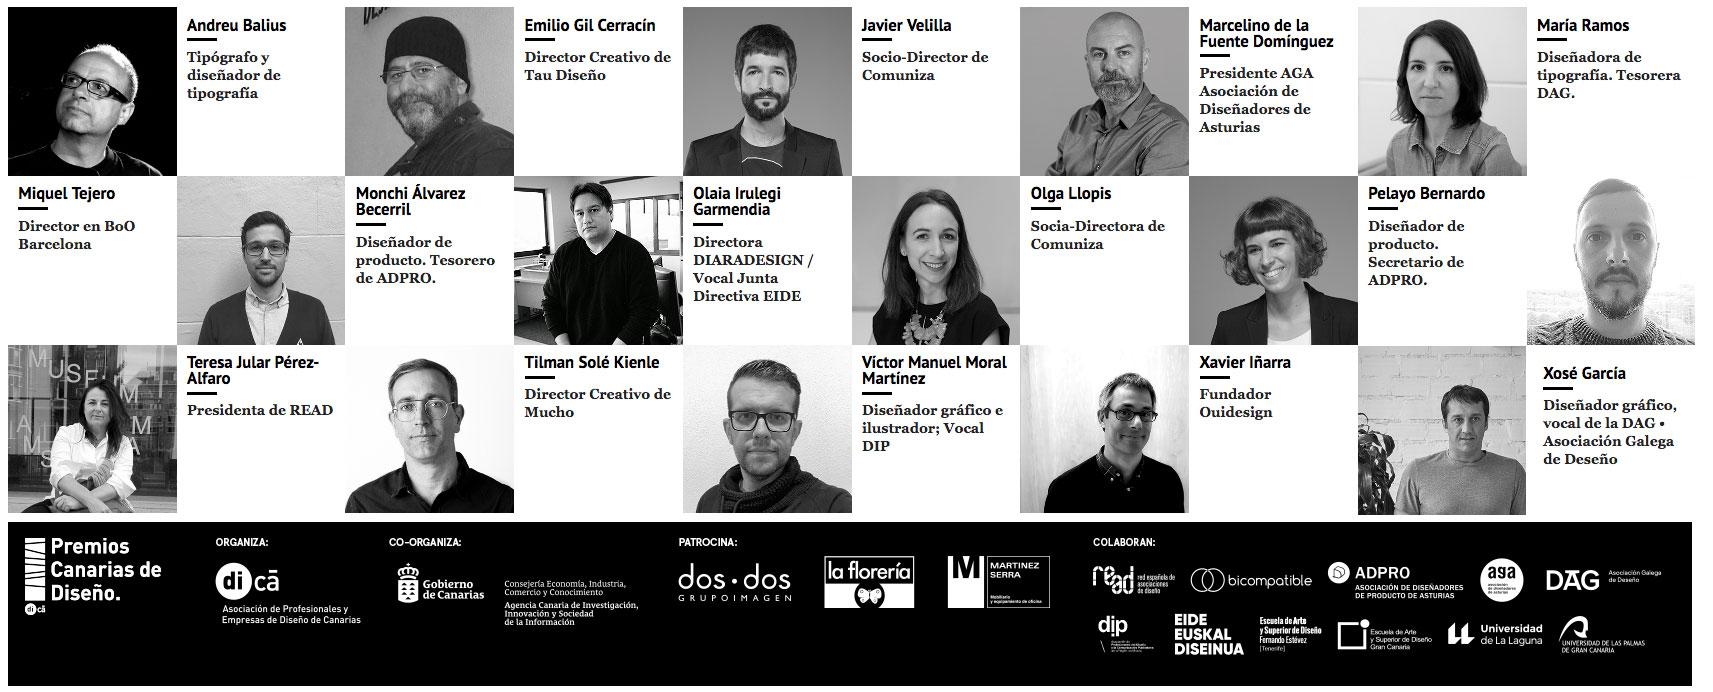 Un jurado espectacular para la quinta edición de los Premios Canarias de Diseño, organizados por la Asociación de Profesionales y Empresas de Diseño de Canarias (di-Ca) y la ACIISI del Gobierno de Canarias // CanariasCreativa.com